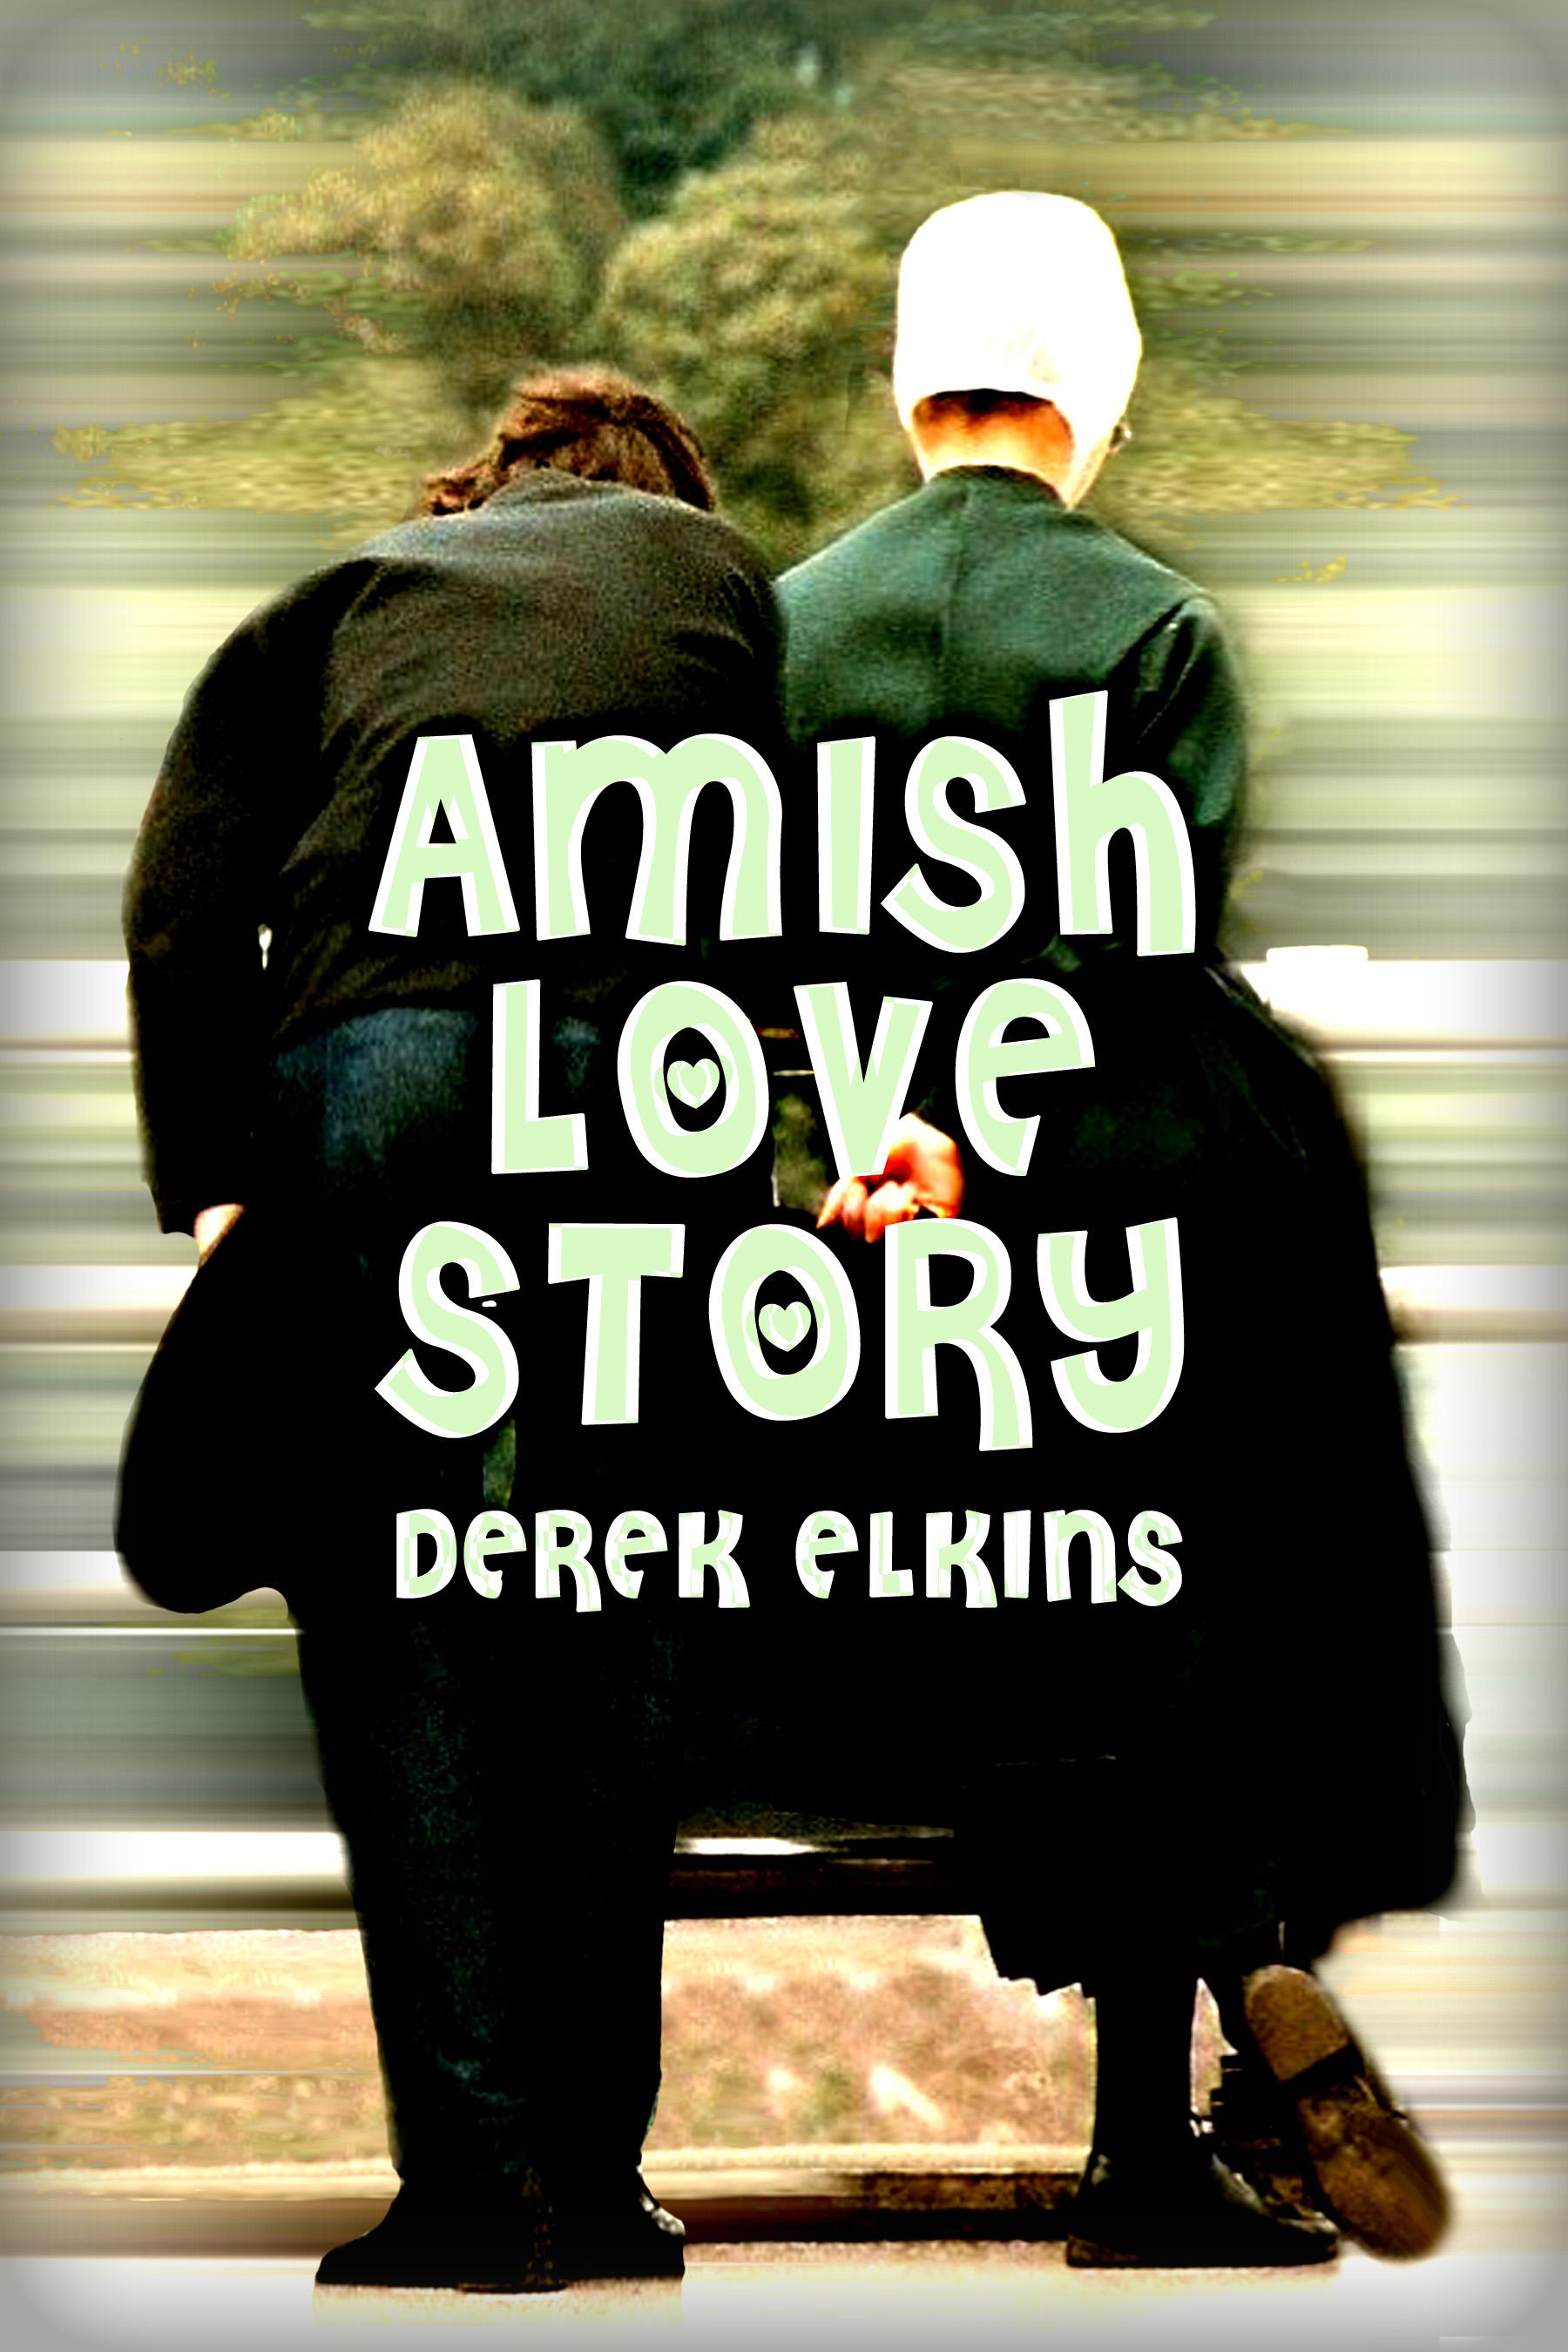 Derek Elkins - Amish Love Story